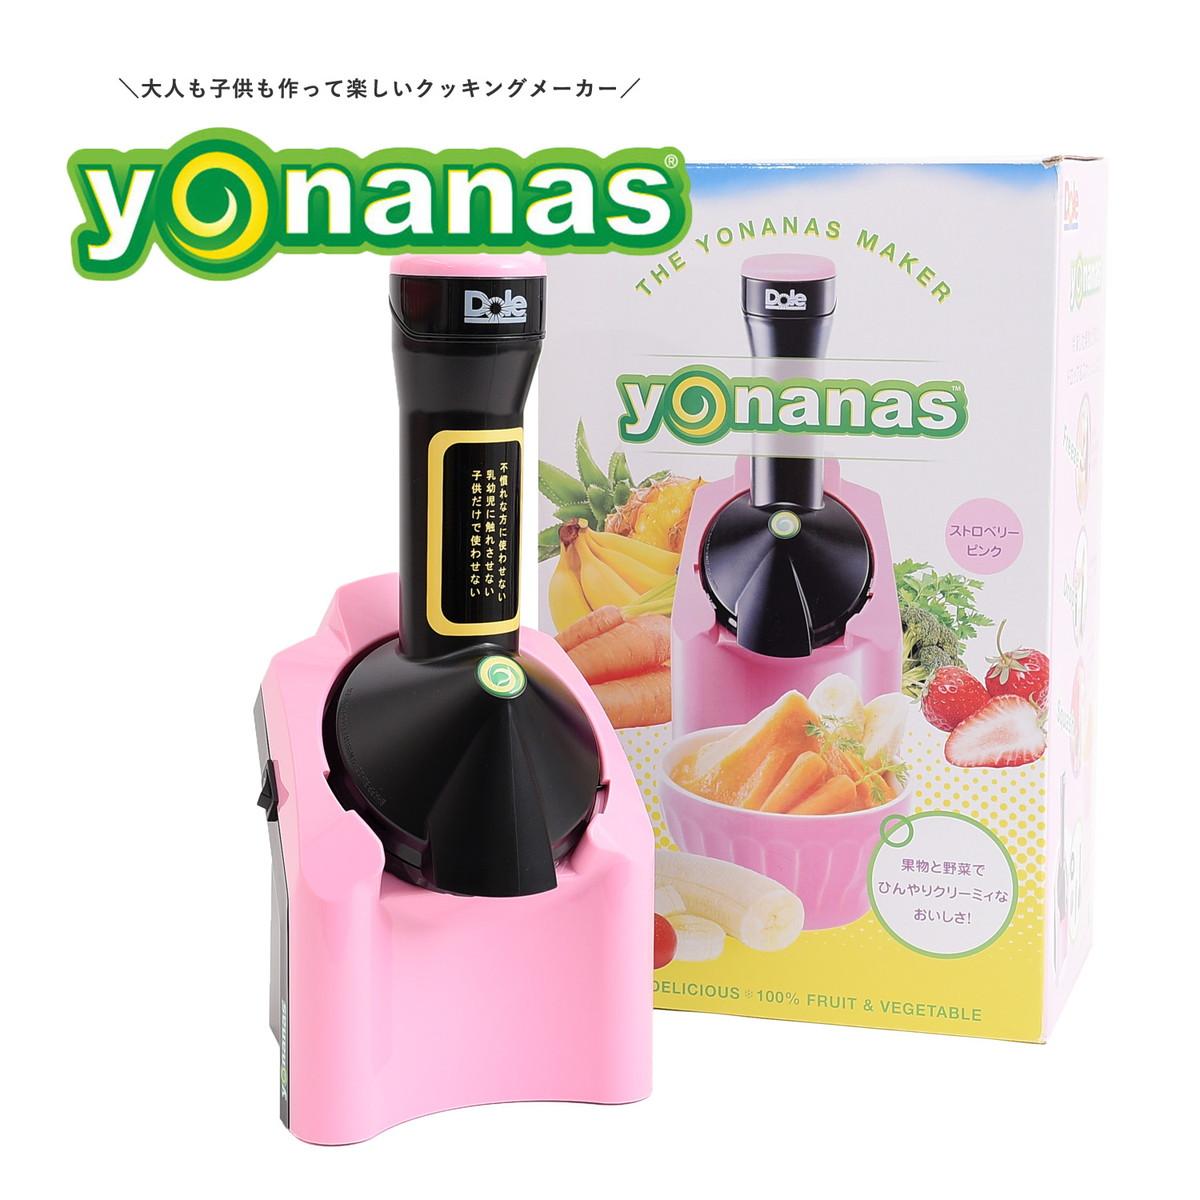 Yonanas ヨナナス クラシック ヨナナスメーカー 51%OFF ピンク アイスクリームメーカー ドール 使い方 レシピ 20999-90101-PK 901RJ-P ONLINE 卸直営 ヨーグルト クーオンライン COO 大根おろし 即納最大半額 スムージー アレンジ